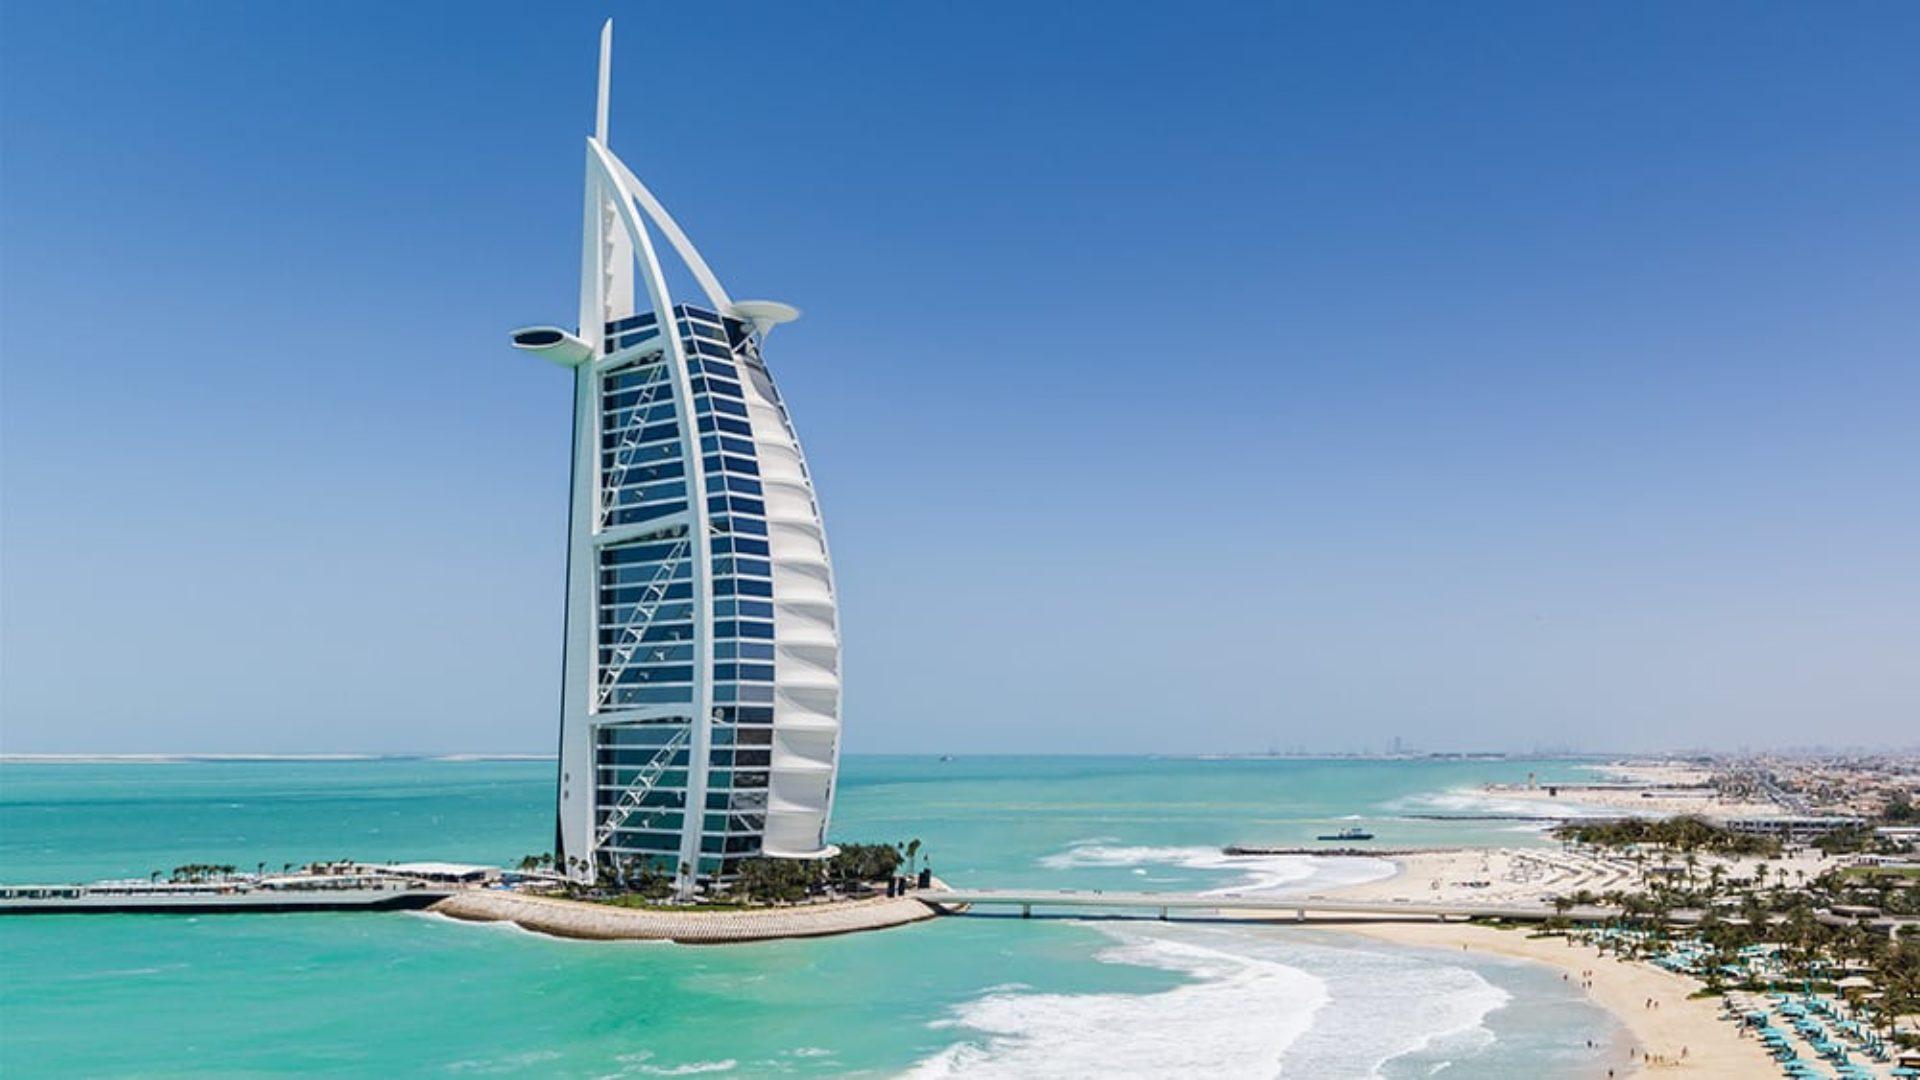 The Burj Al Arab and Jumeirah Beach in Dubai